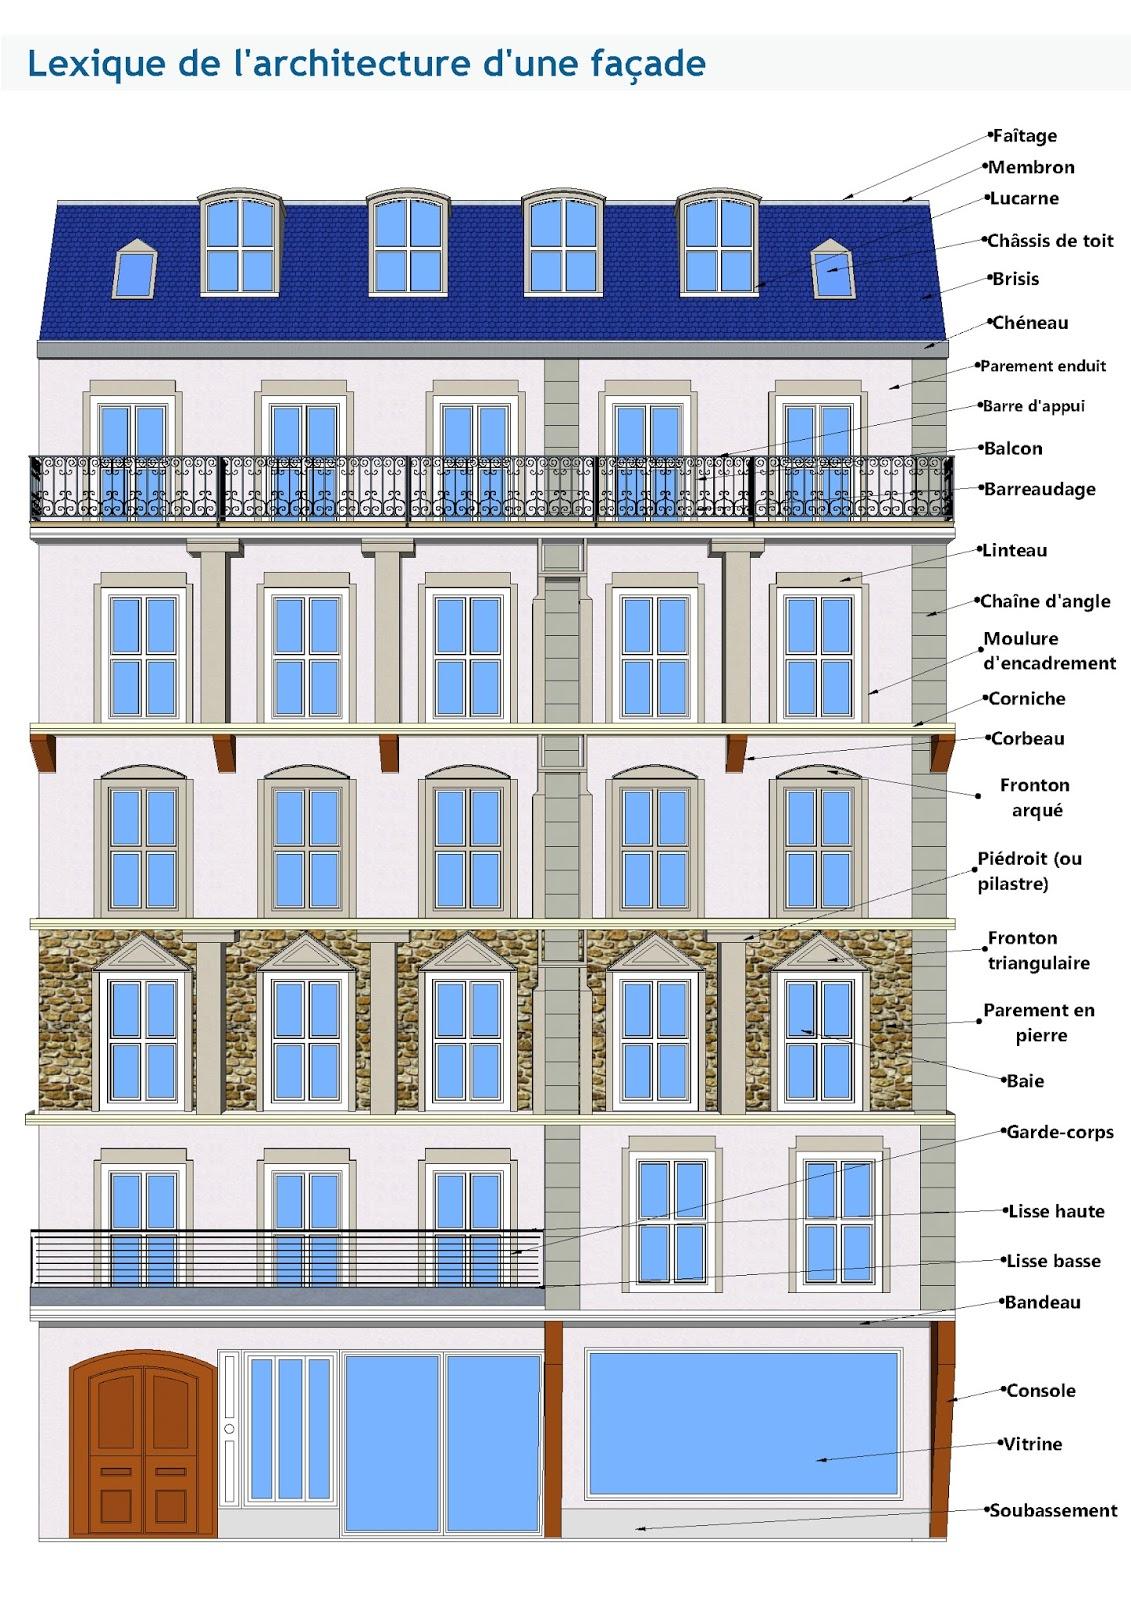 Vocabulaire architectural fa ade mouvement uniforme de for Dictionnaire architecture et construction